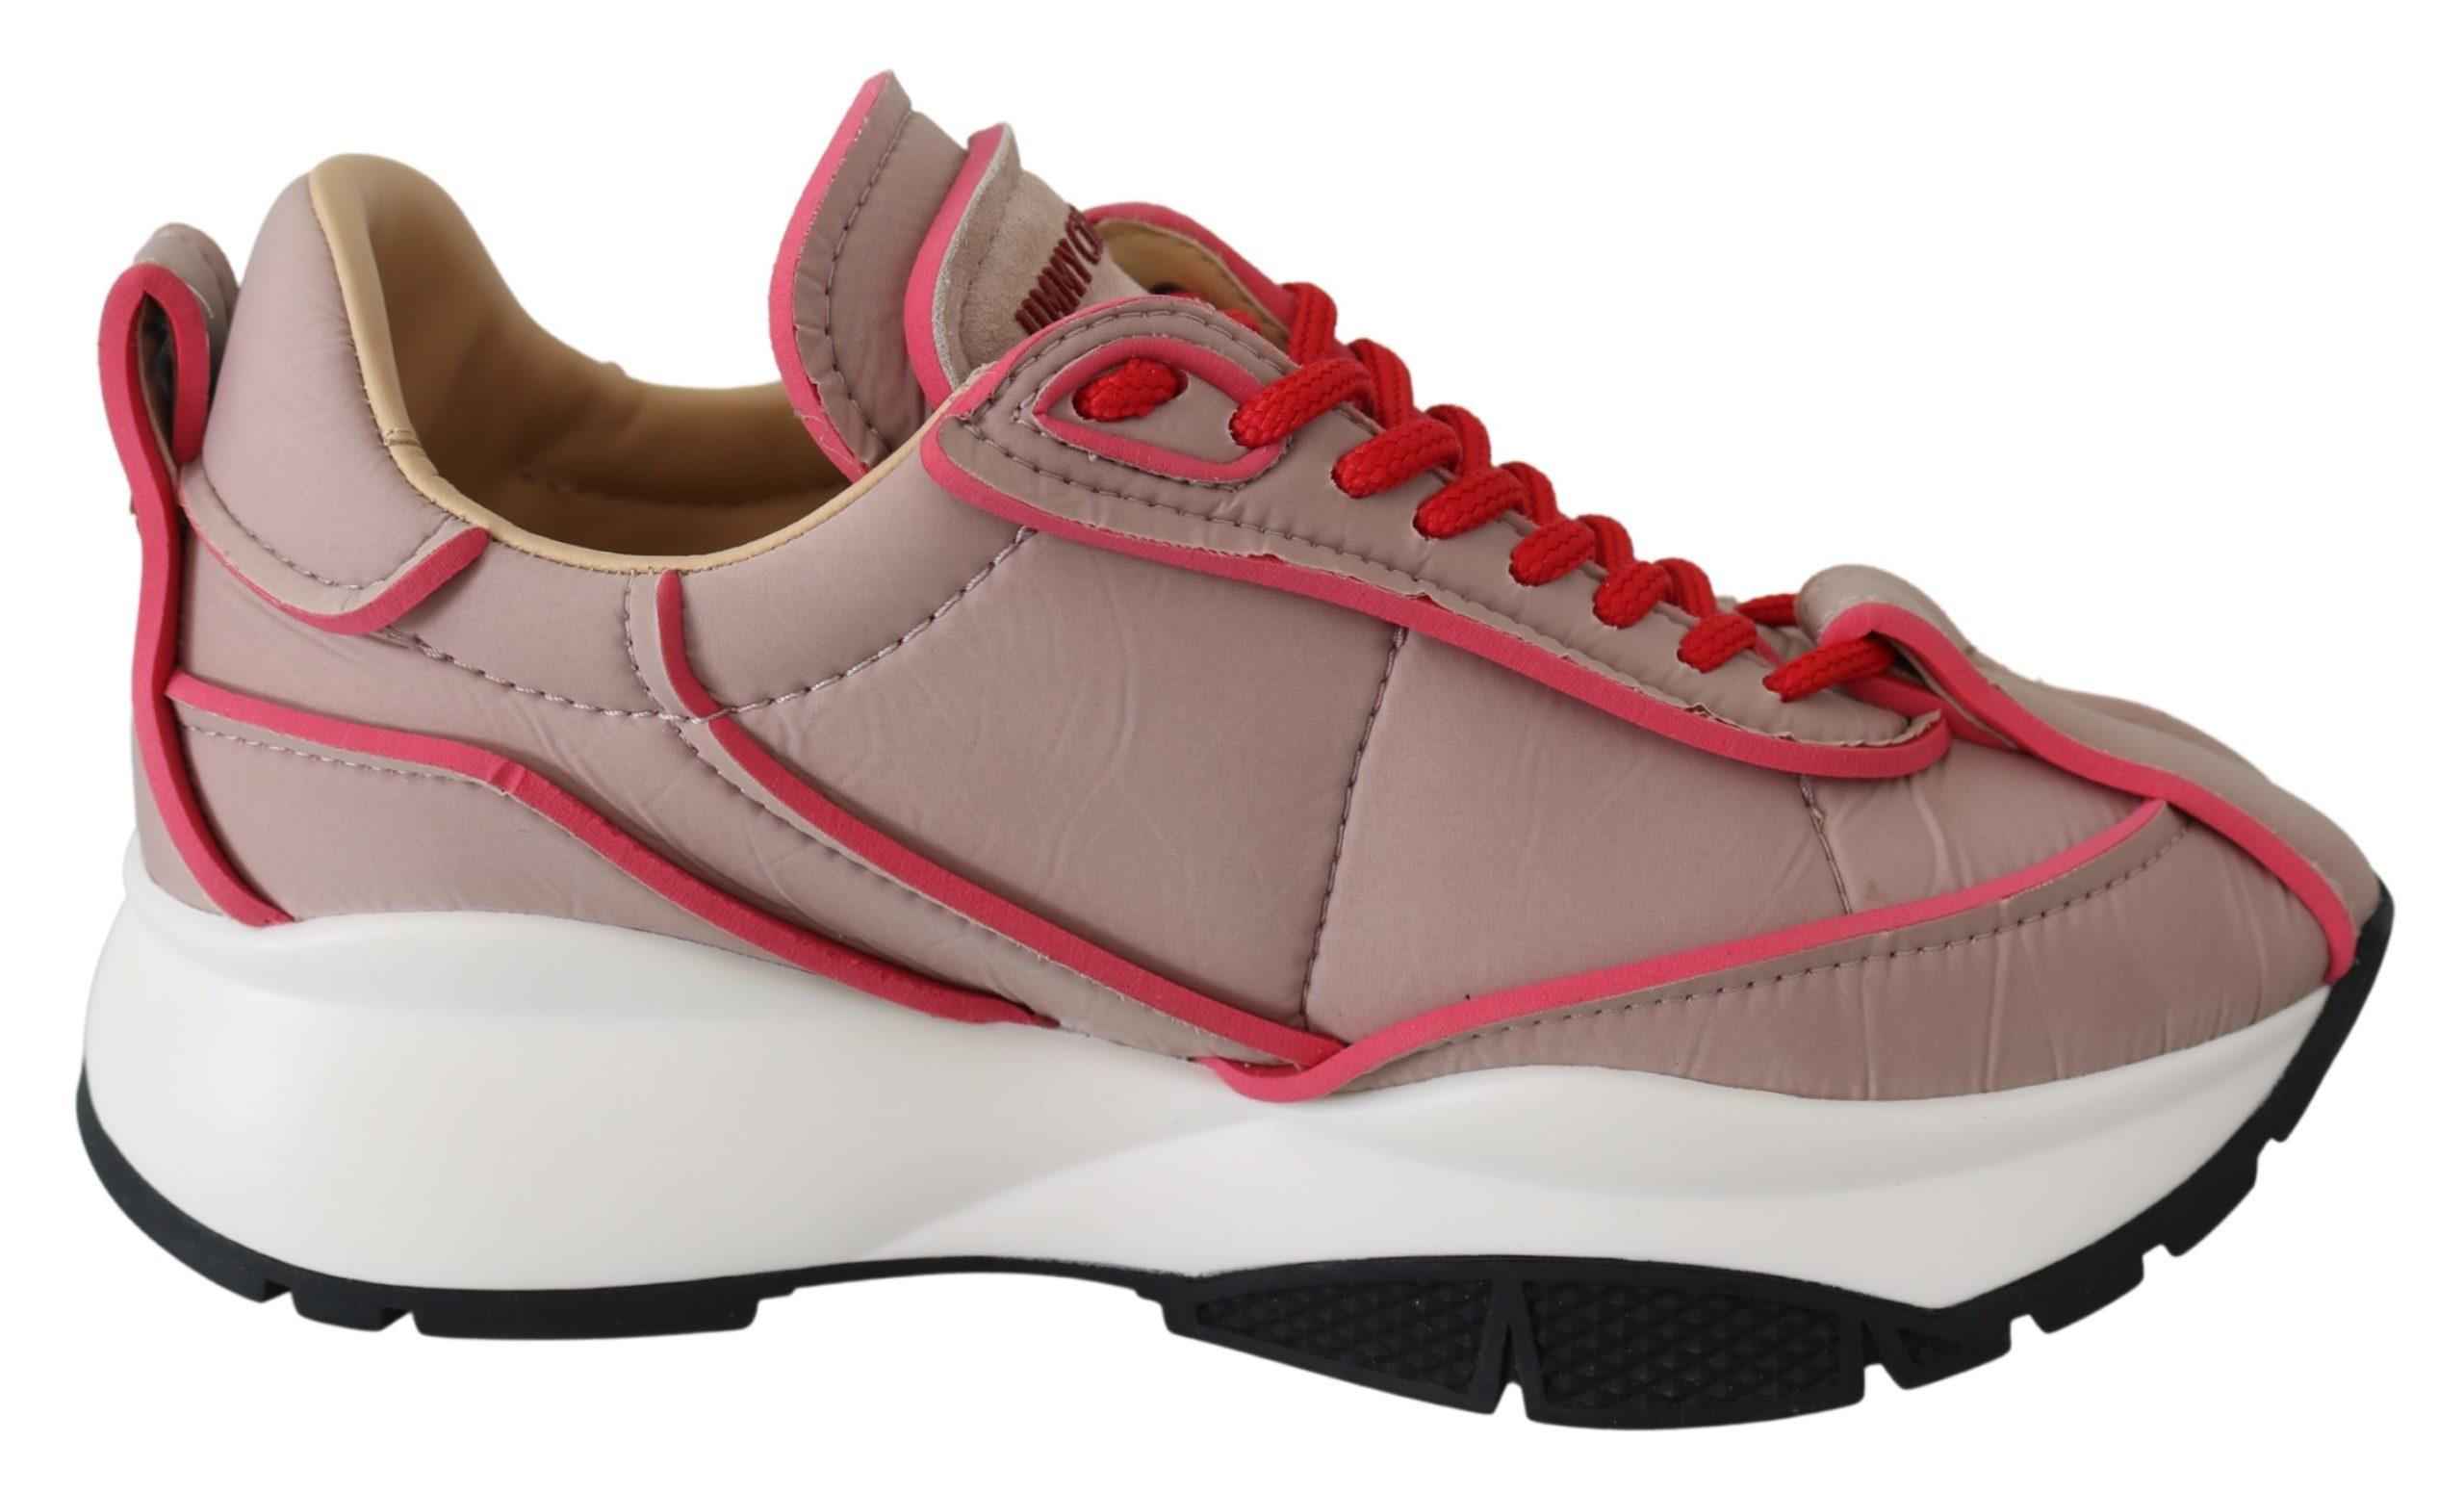 Jimmy Choo Women's Raine Ballet Sneakers Pink 192954474423 - EU35/US5